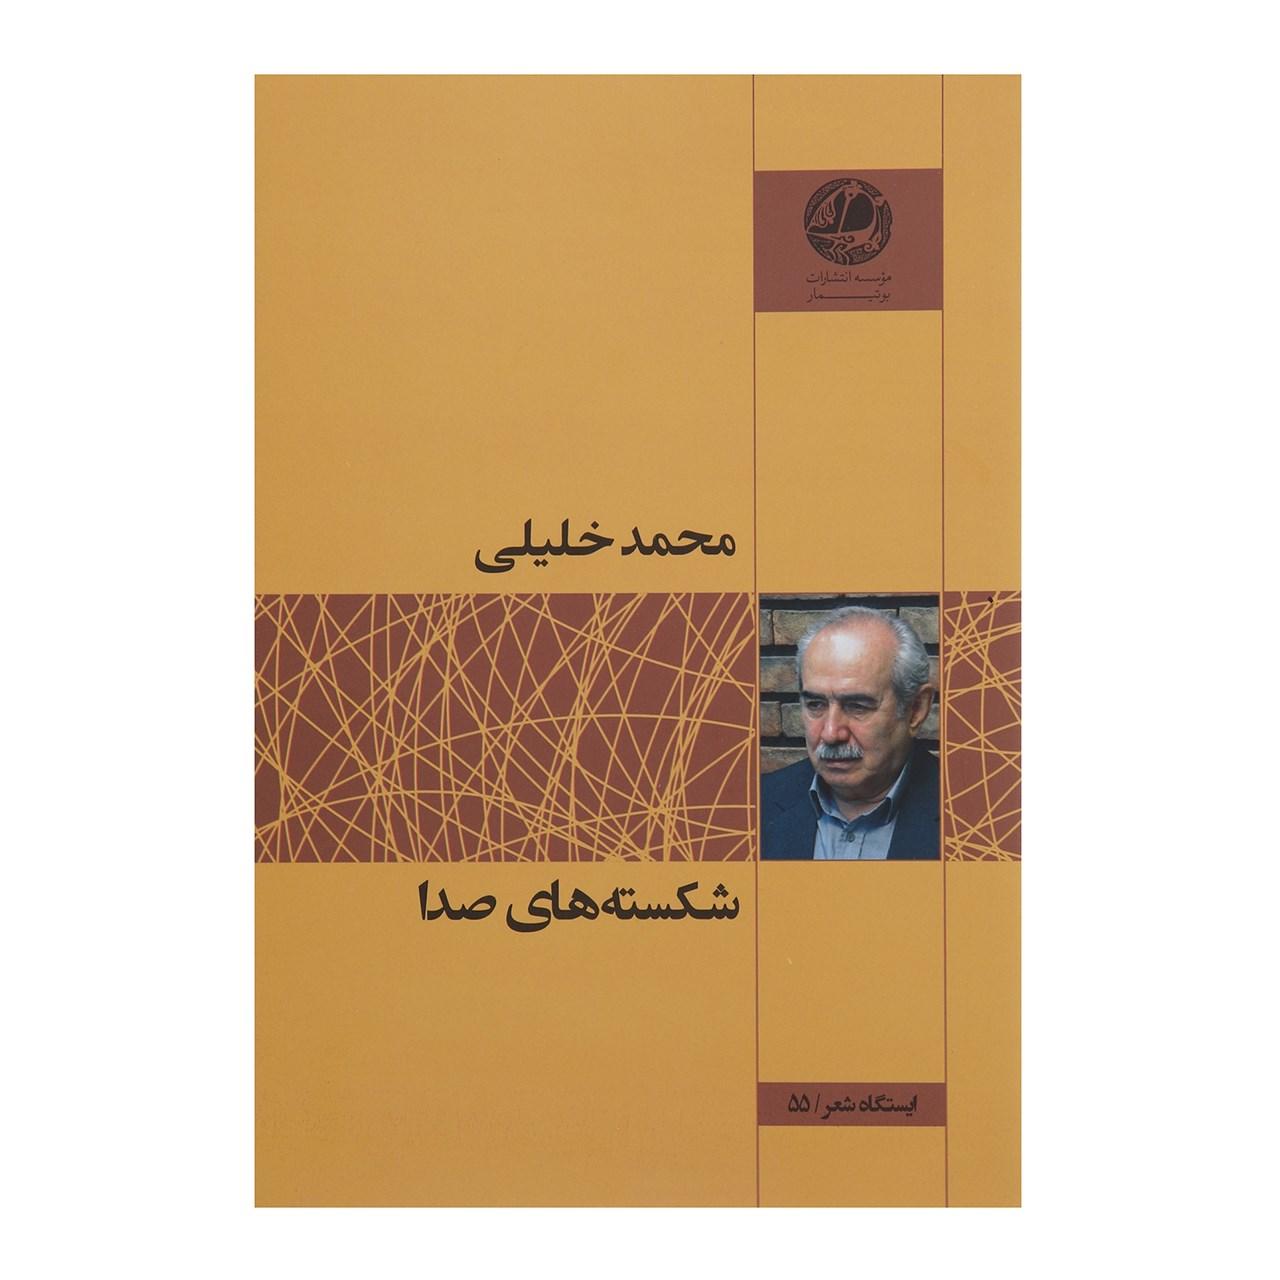 کتاب شکسته های صدا اثر محمد خلیلی